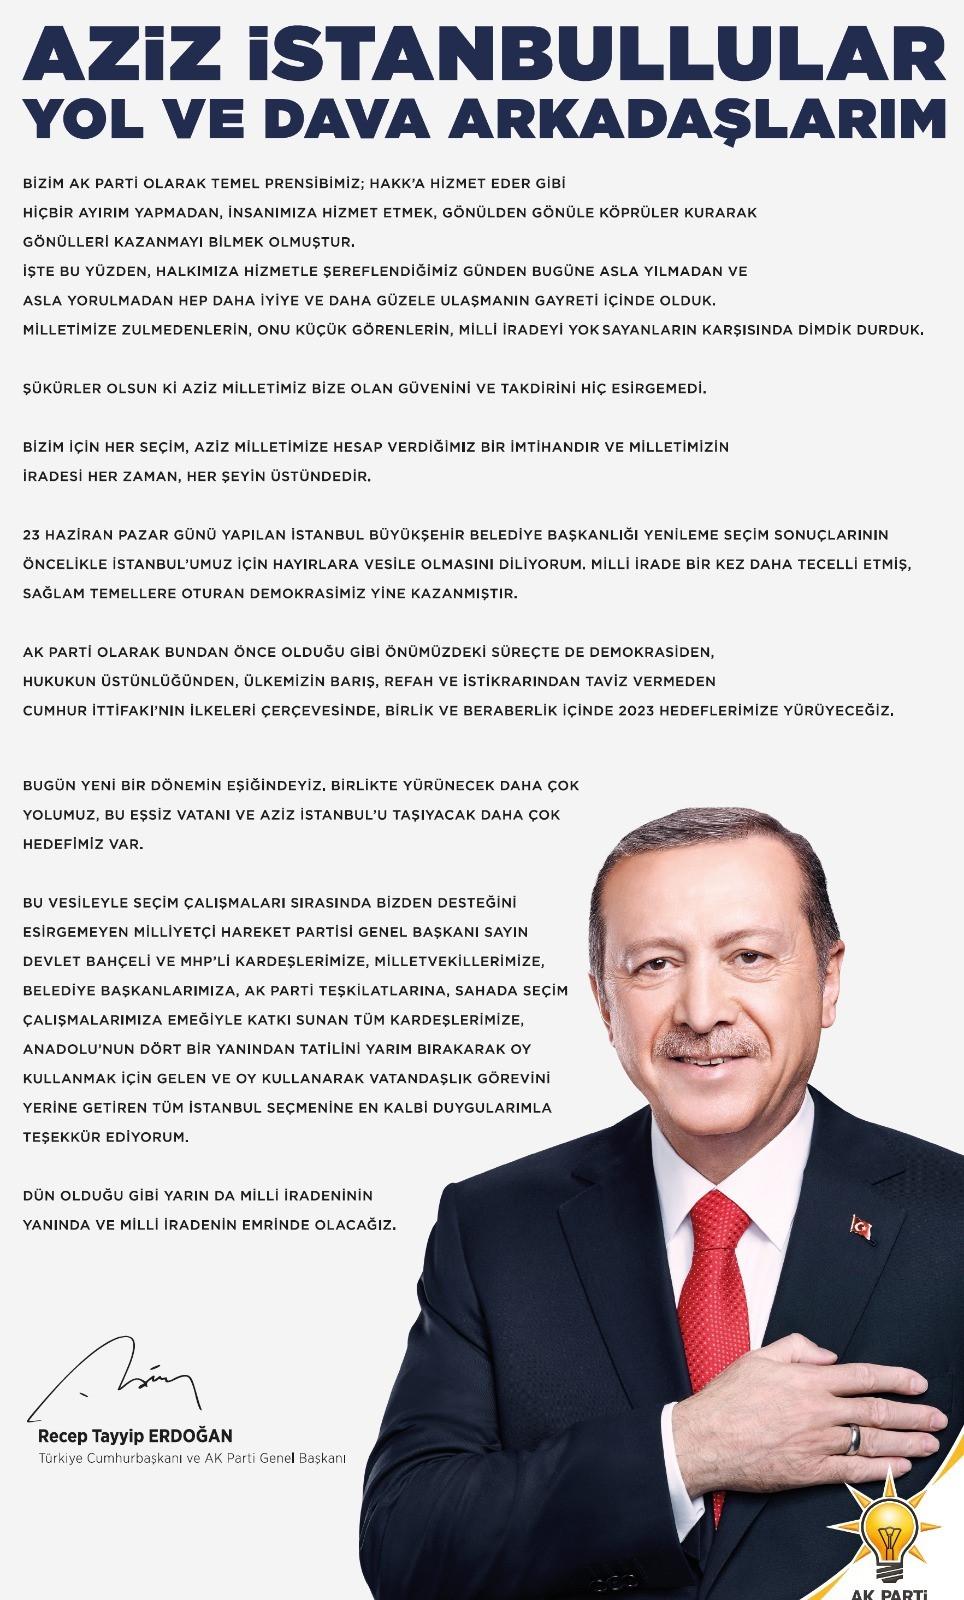 erdoğan teşekkür mesajı.jpeg